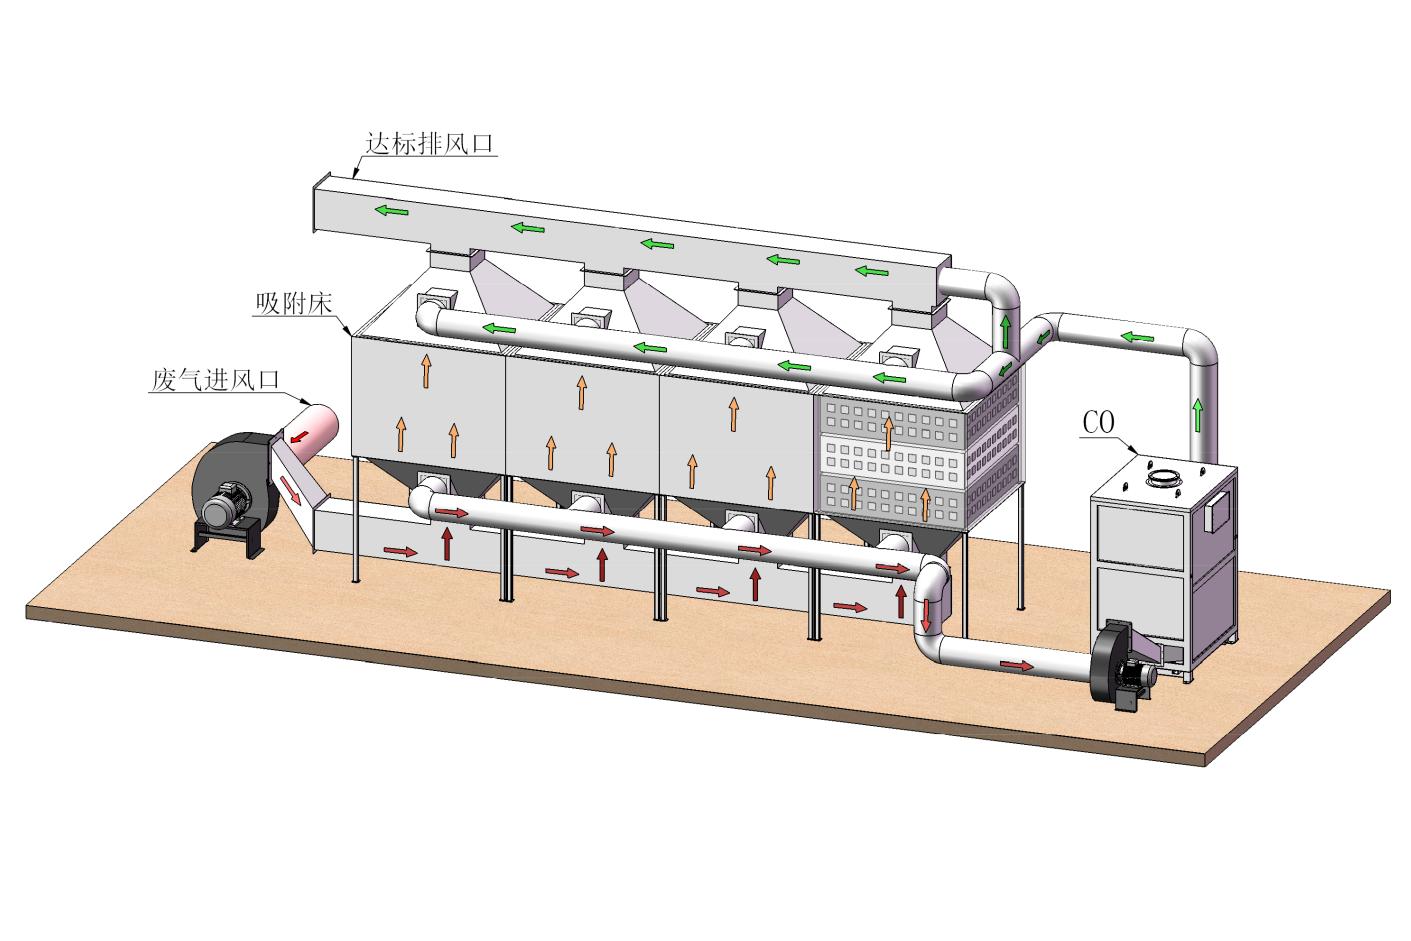 活性炭吸附 / 沸石吸附+催化燃烧组合技术